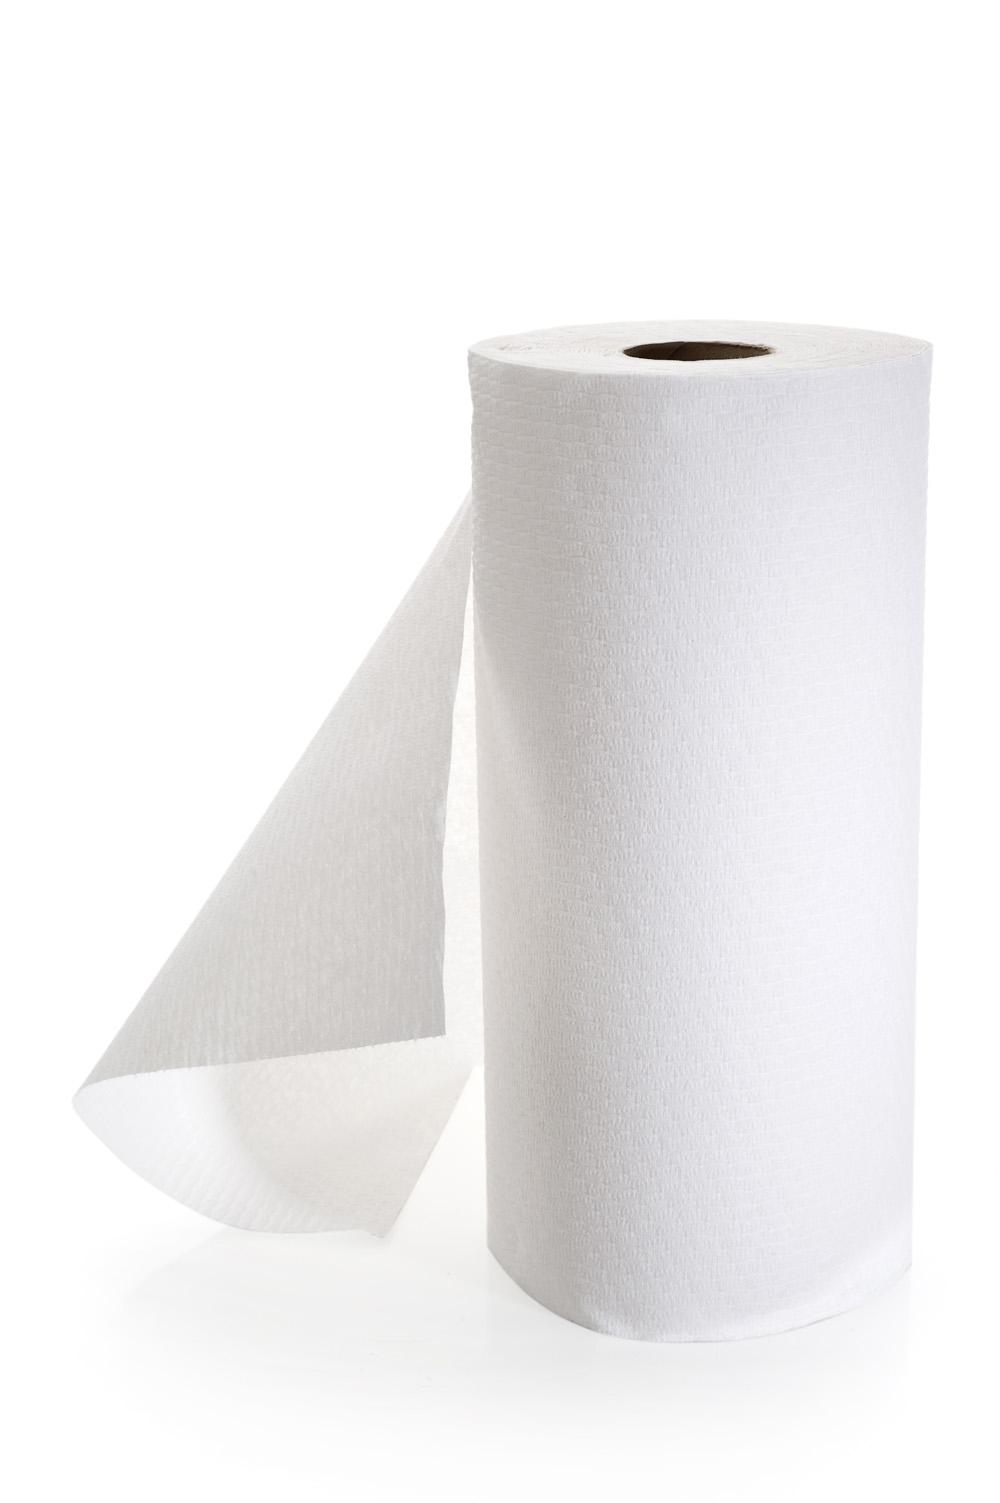 5 arms umbrella alabama rig - Paper Towel Roll